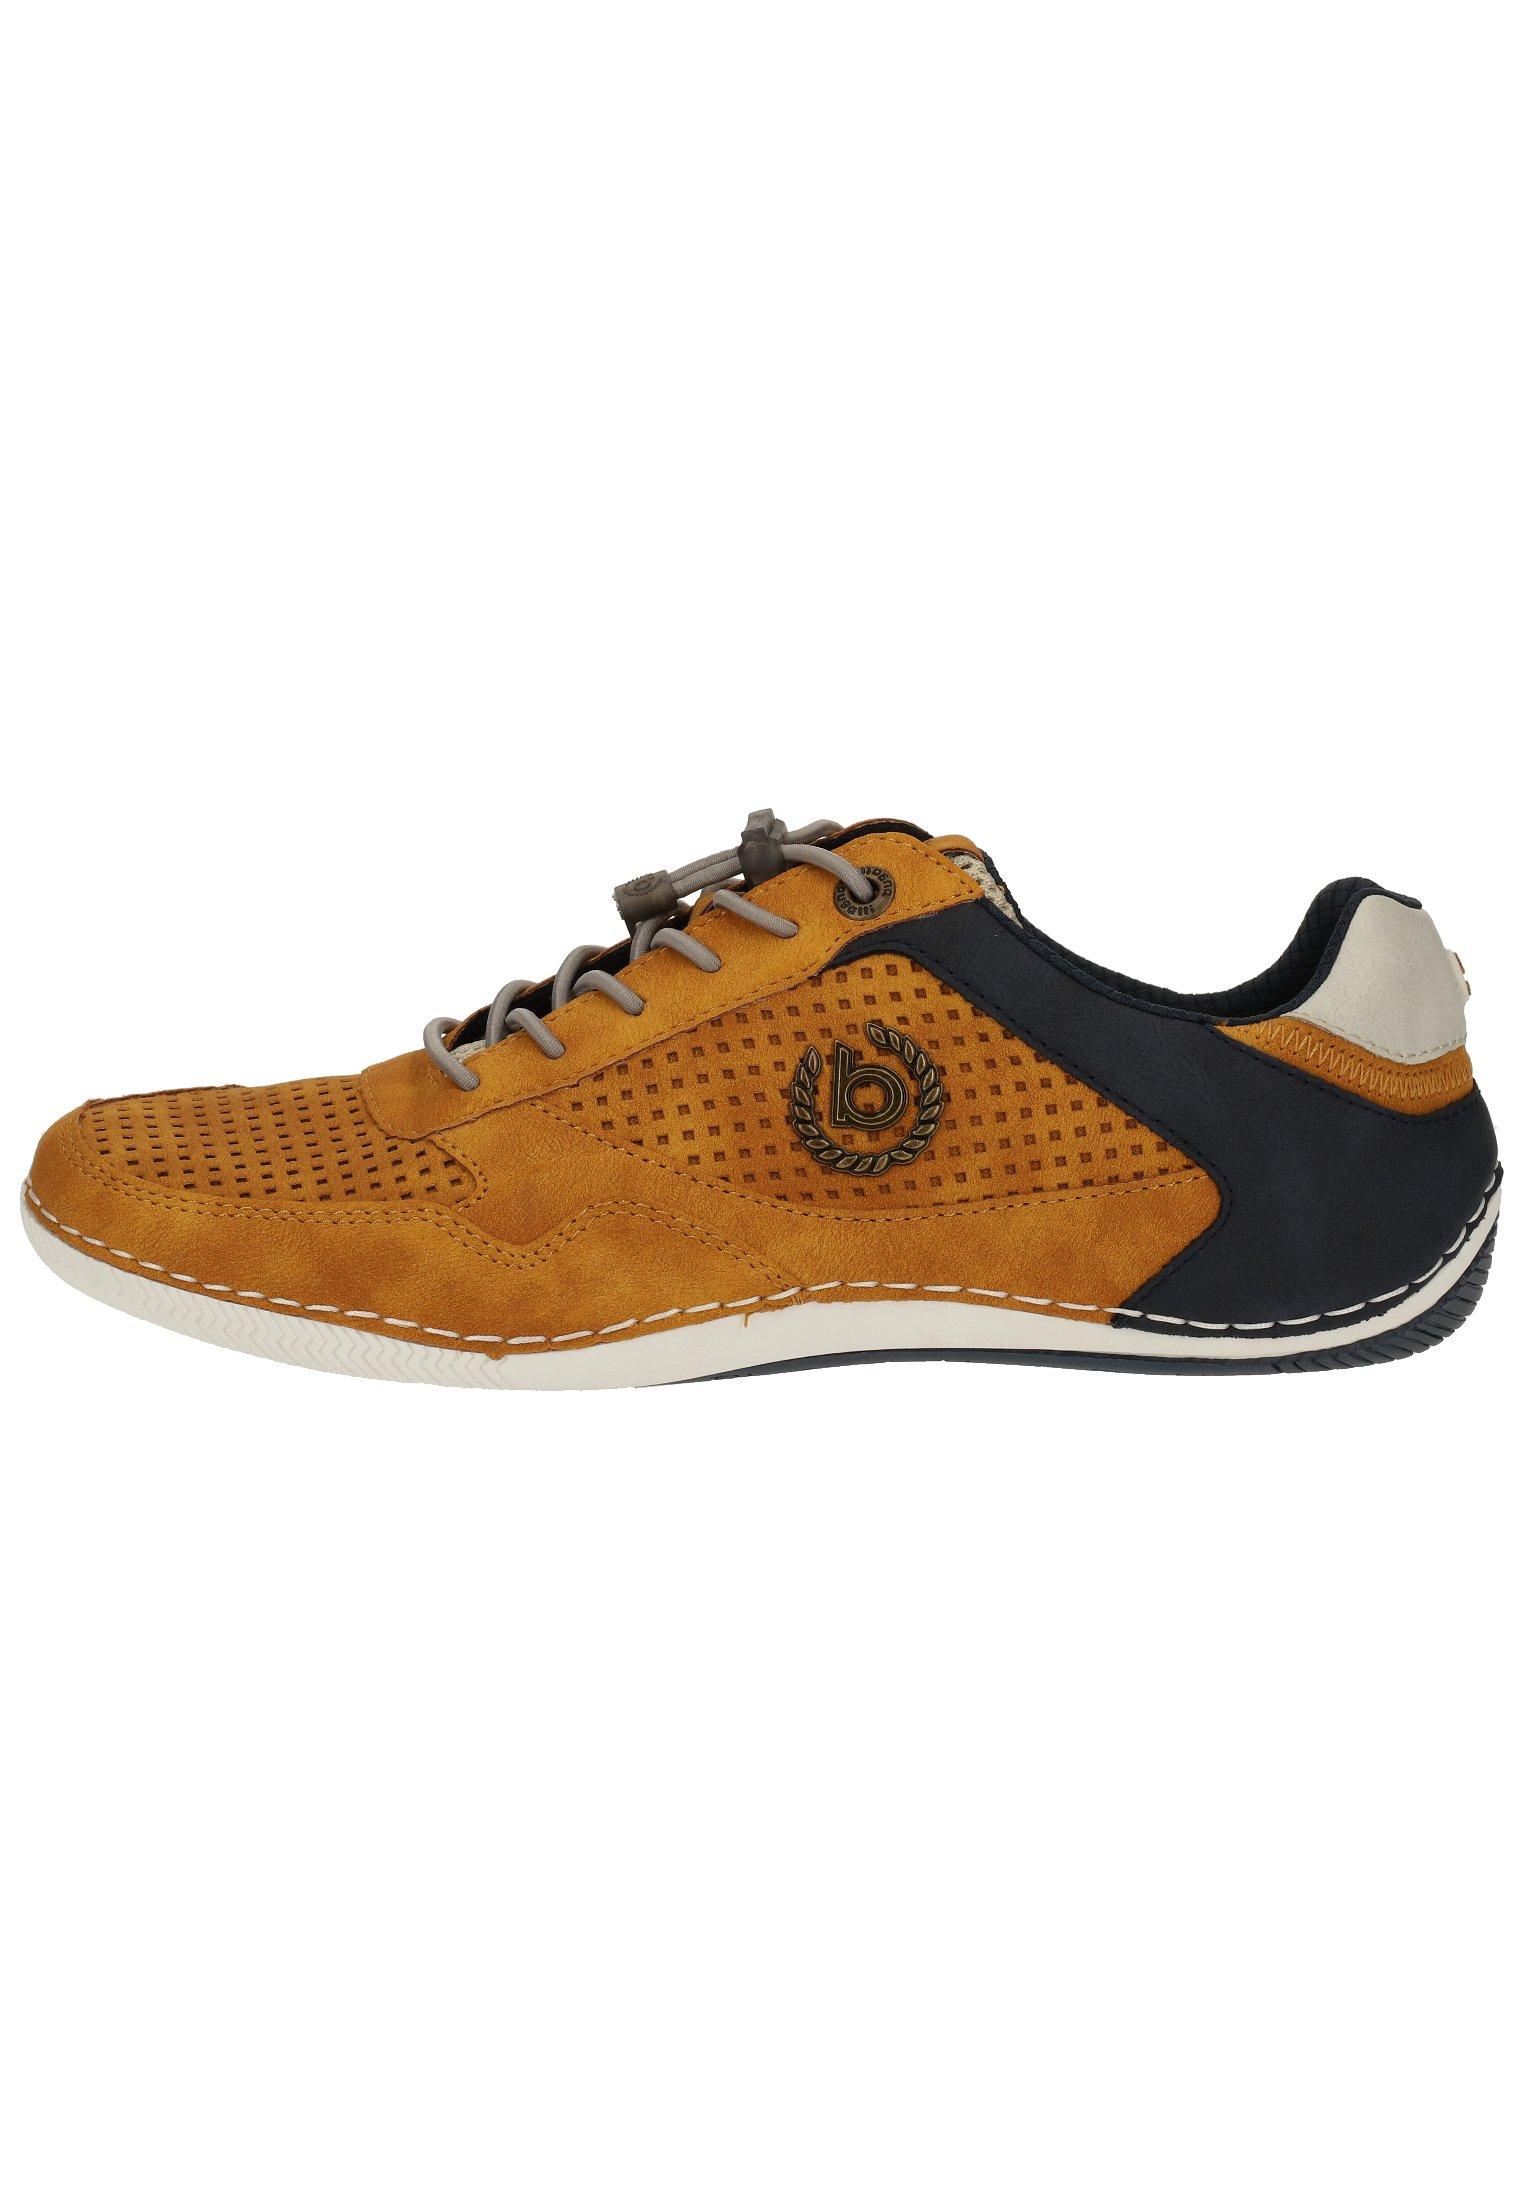 Neu Schuhe BUGATTI Herrenschuhe Sneaker Turnschuhe Freizeitschuhe Sportshcuh